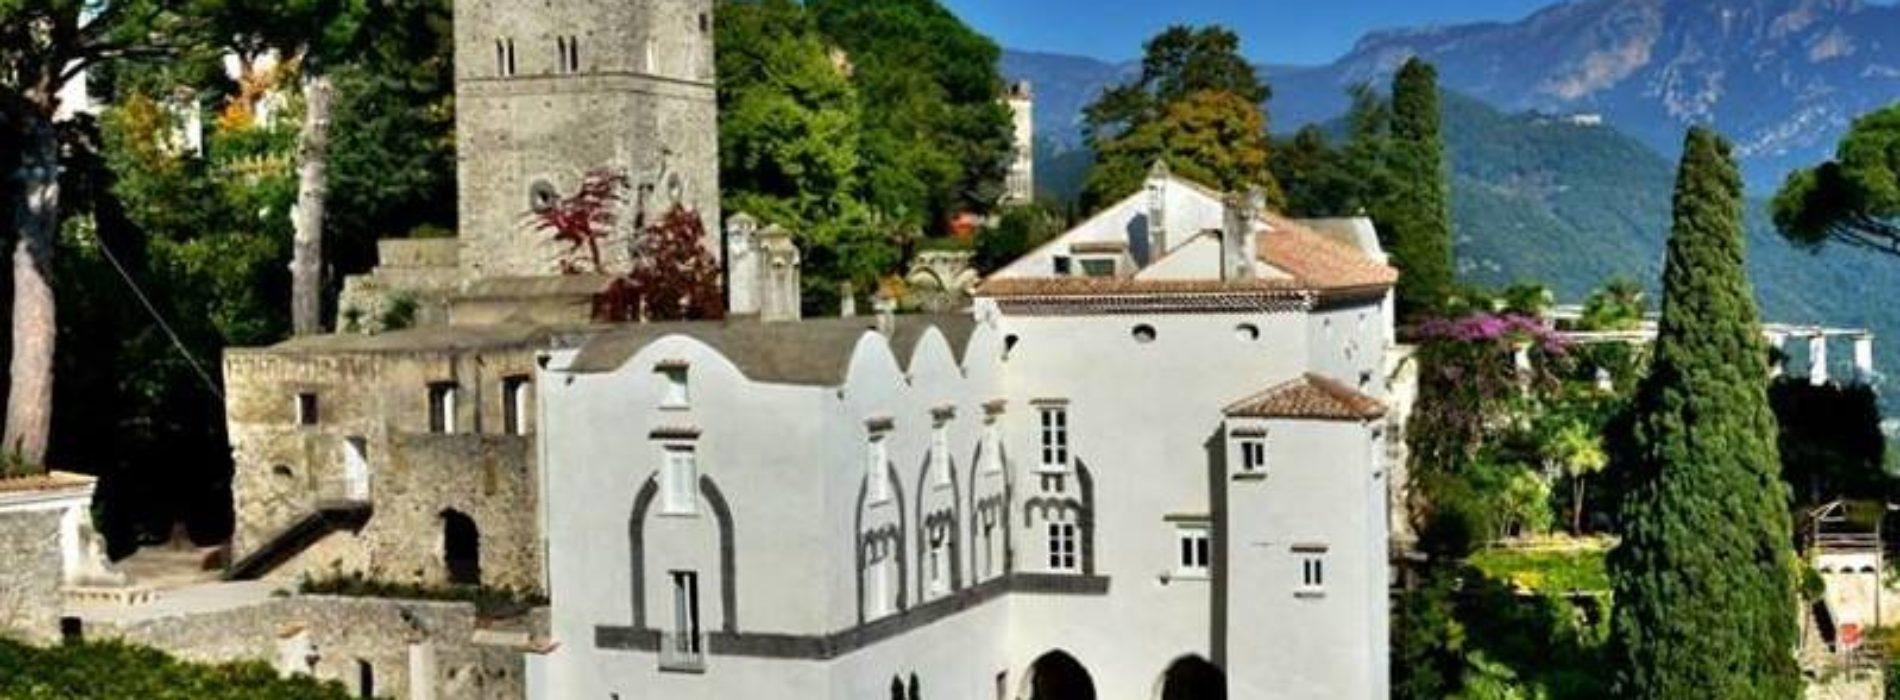 La Torre Maggiore di Villa Rufolo aperta ai visitatori